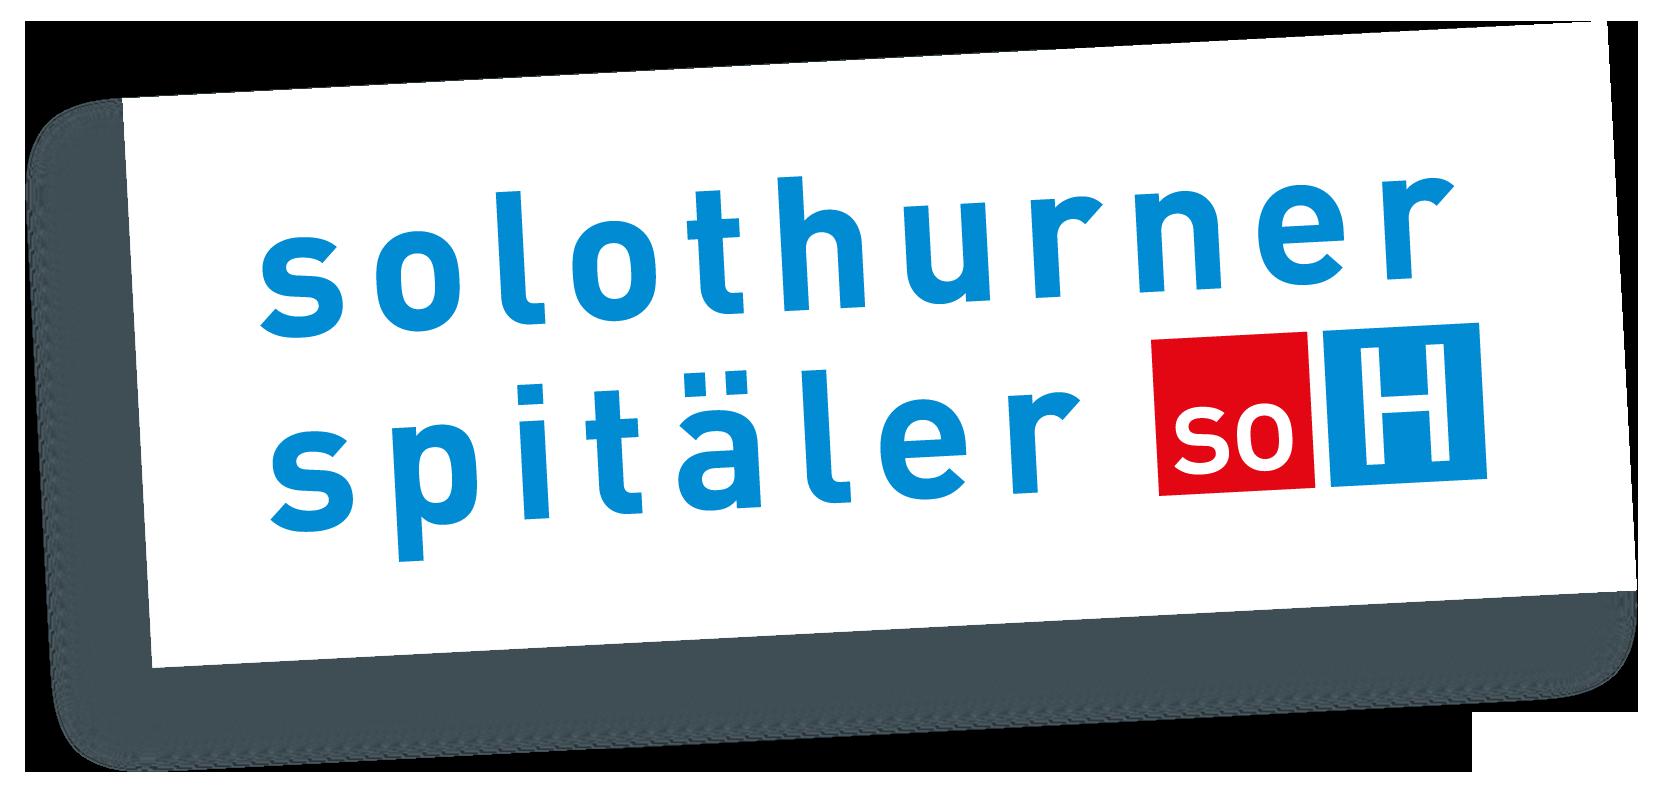 Referenz Healthcare Solothurner Spitäler